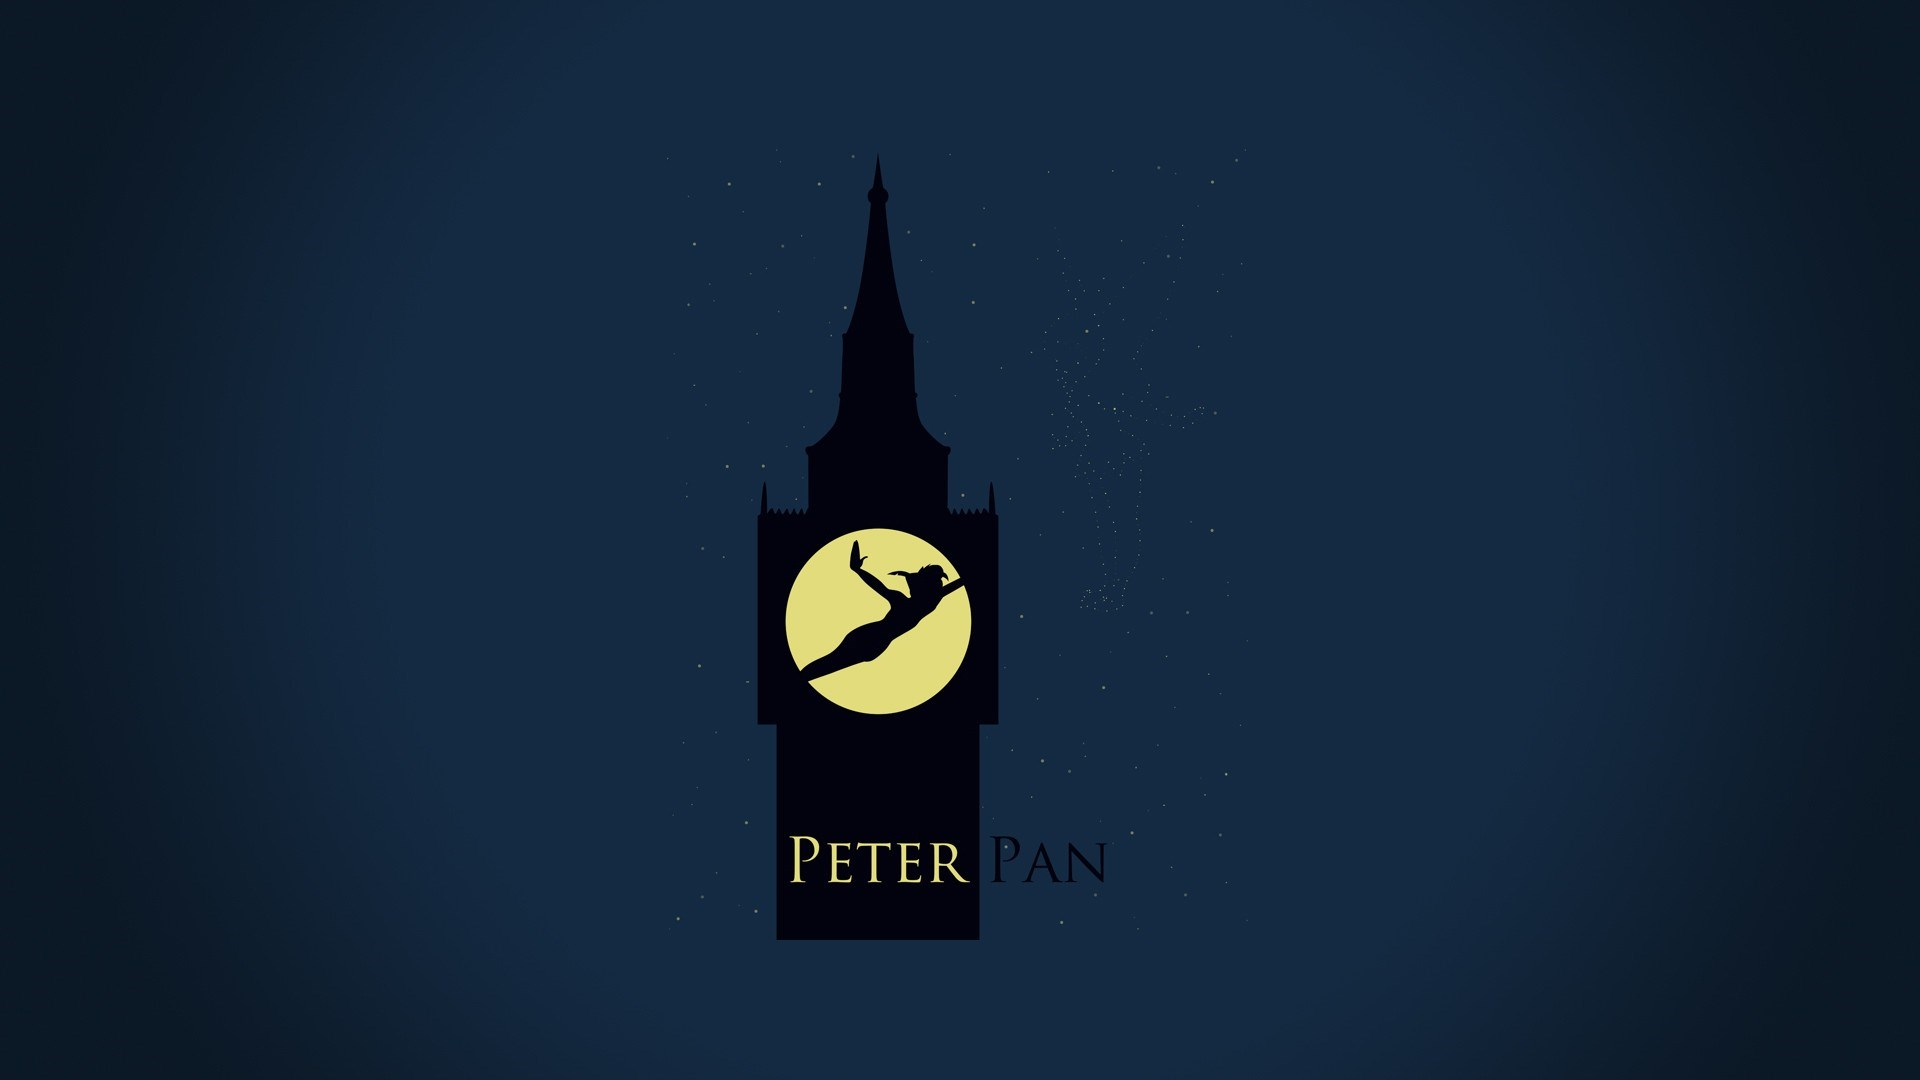 Pixar Cars Desktop Wallpaper Peter Pan Art Wallpaper 1920x1080 9533